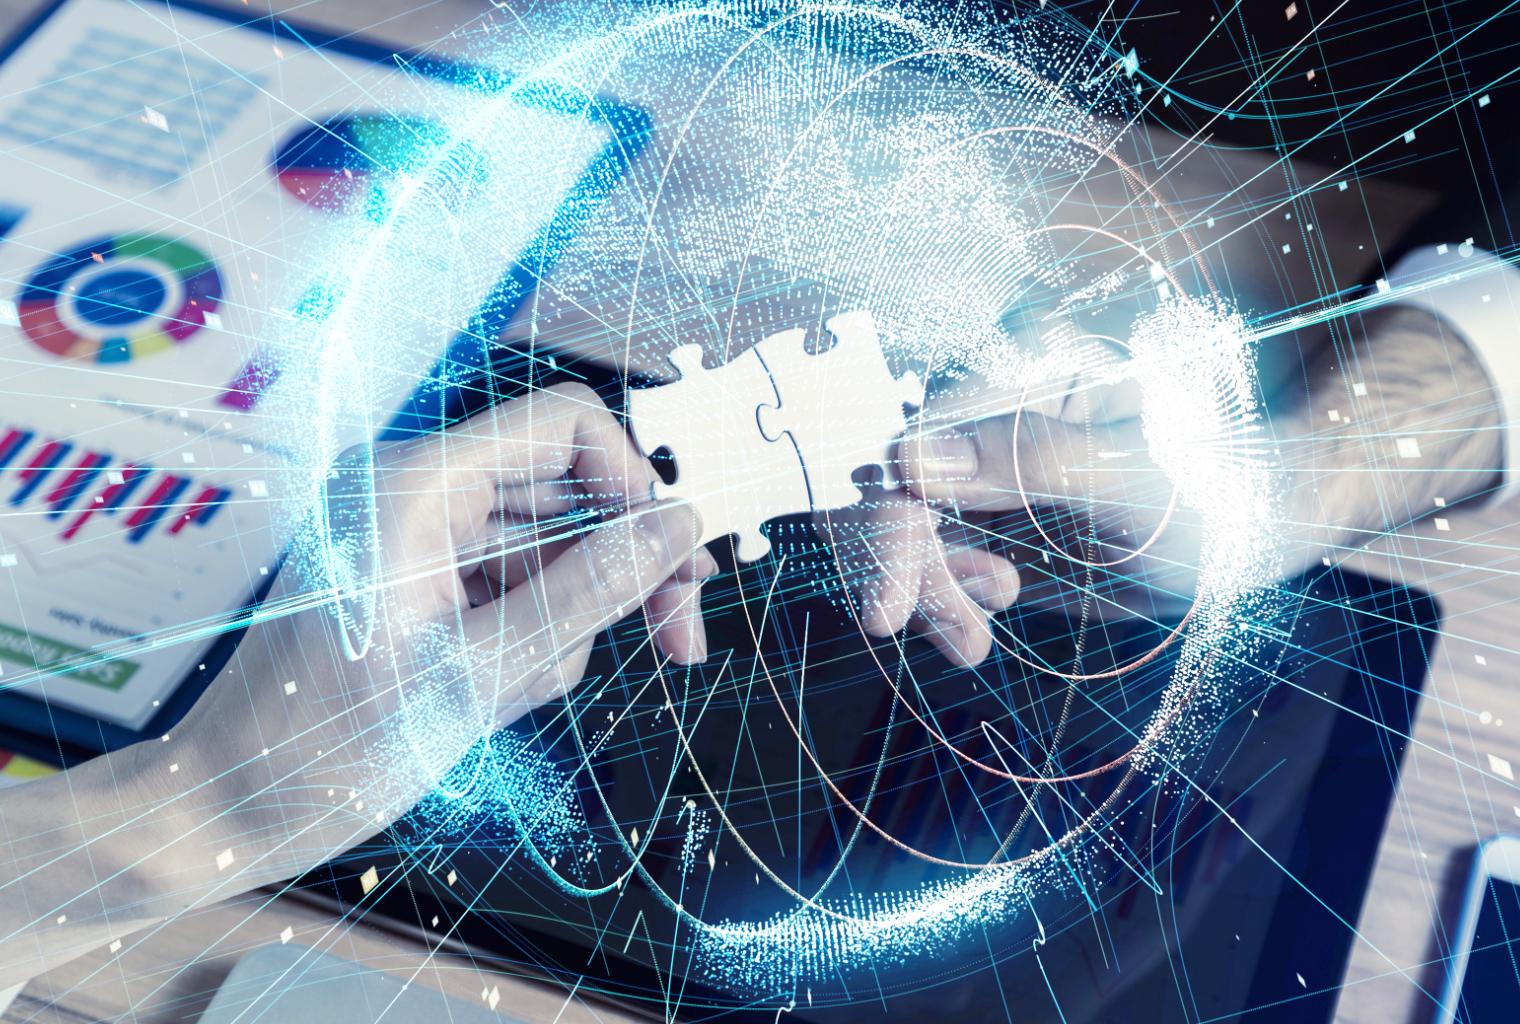 Binance adquiere el principal intercambio indio Wazirx - El CEO explica los cambios